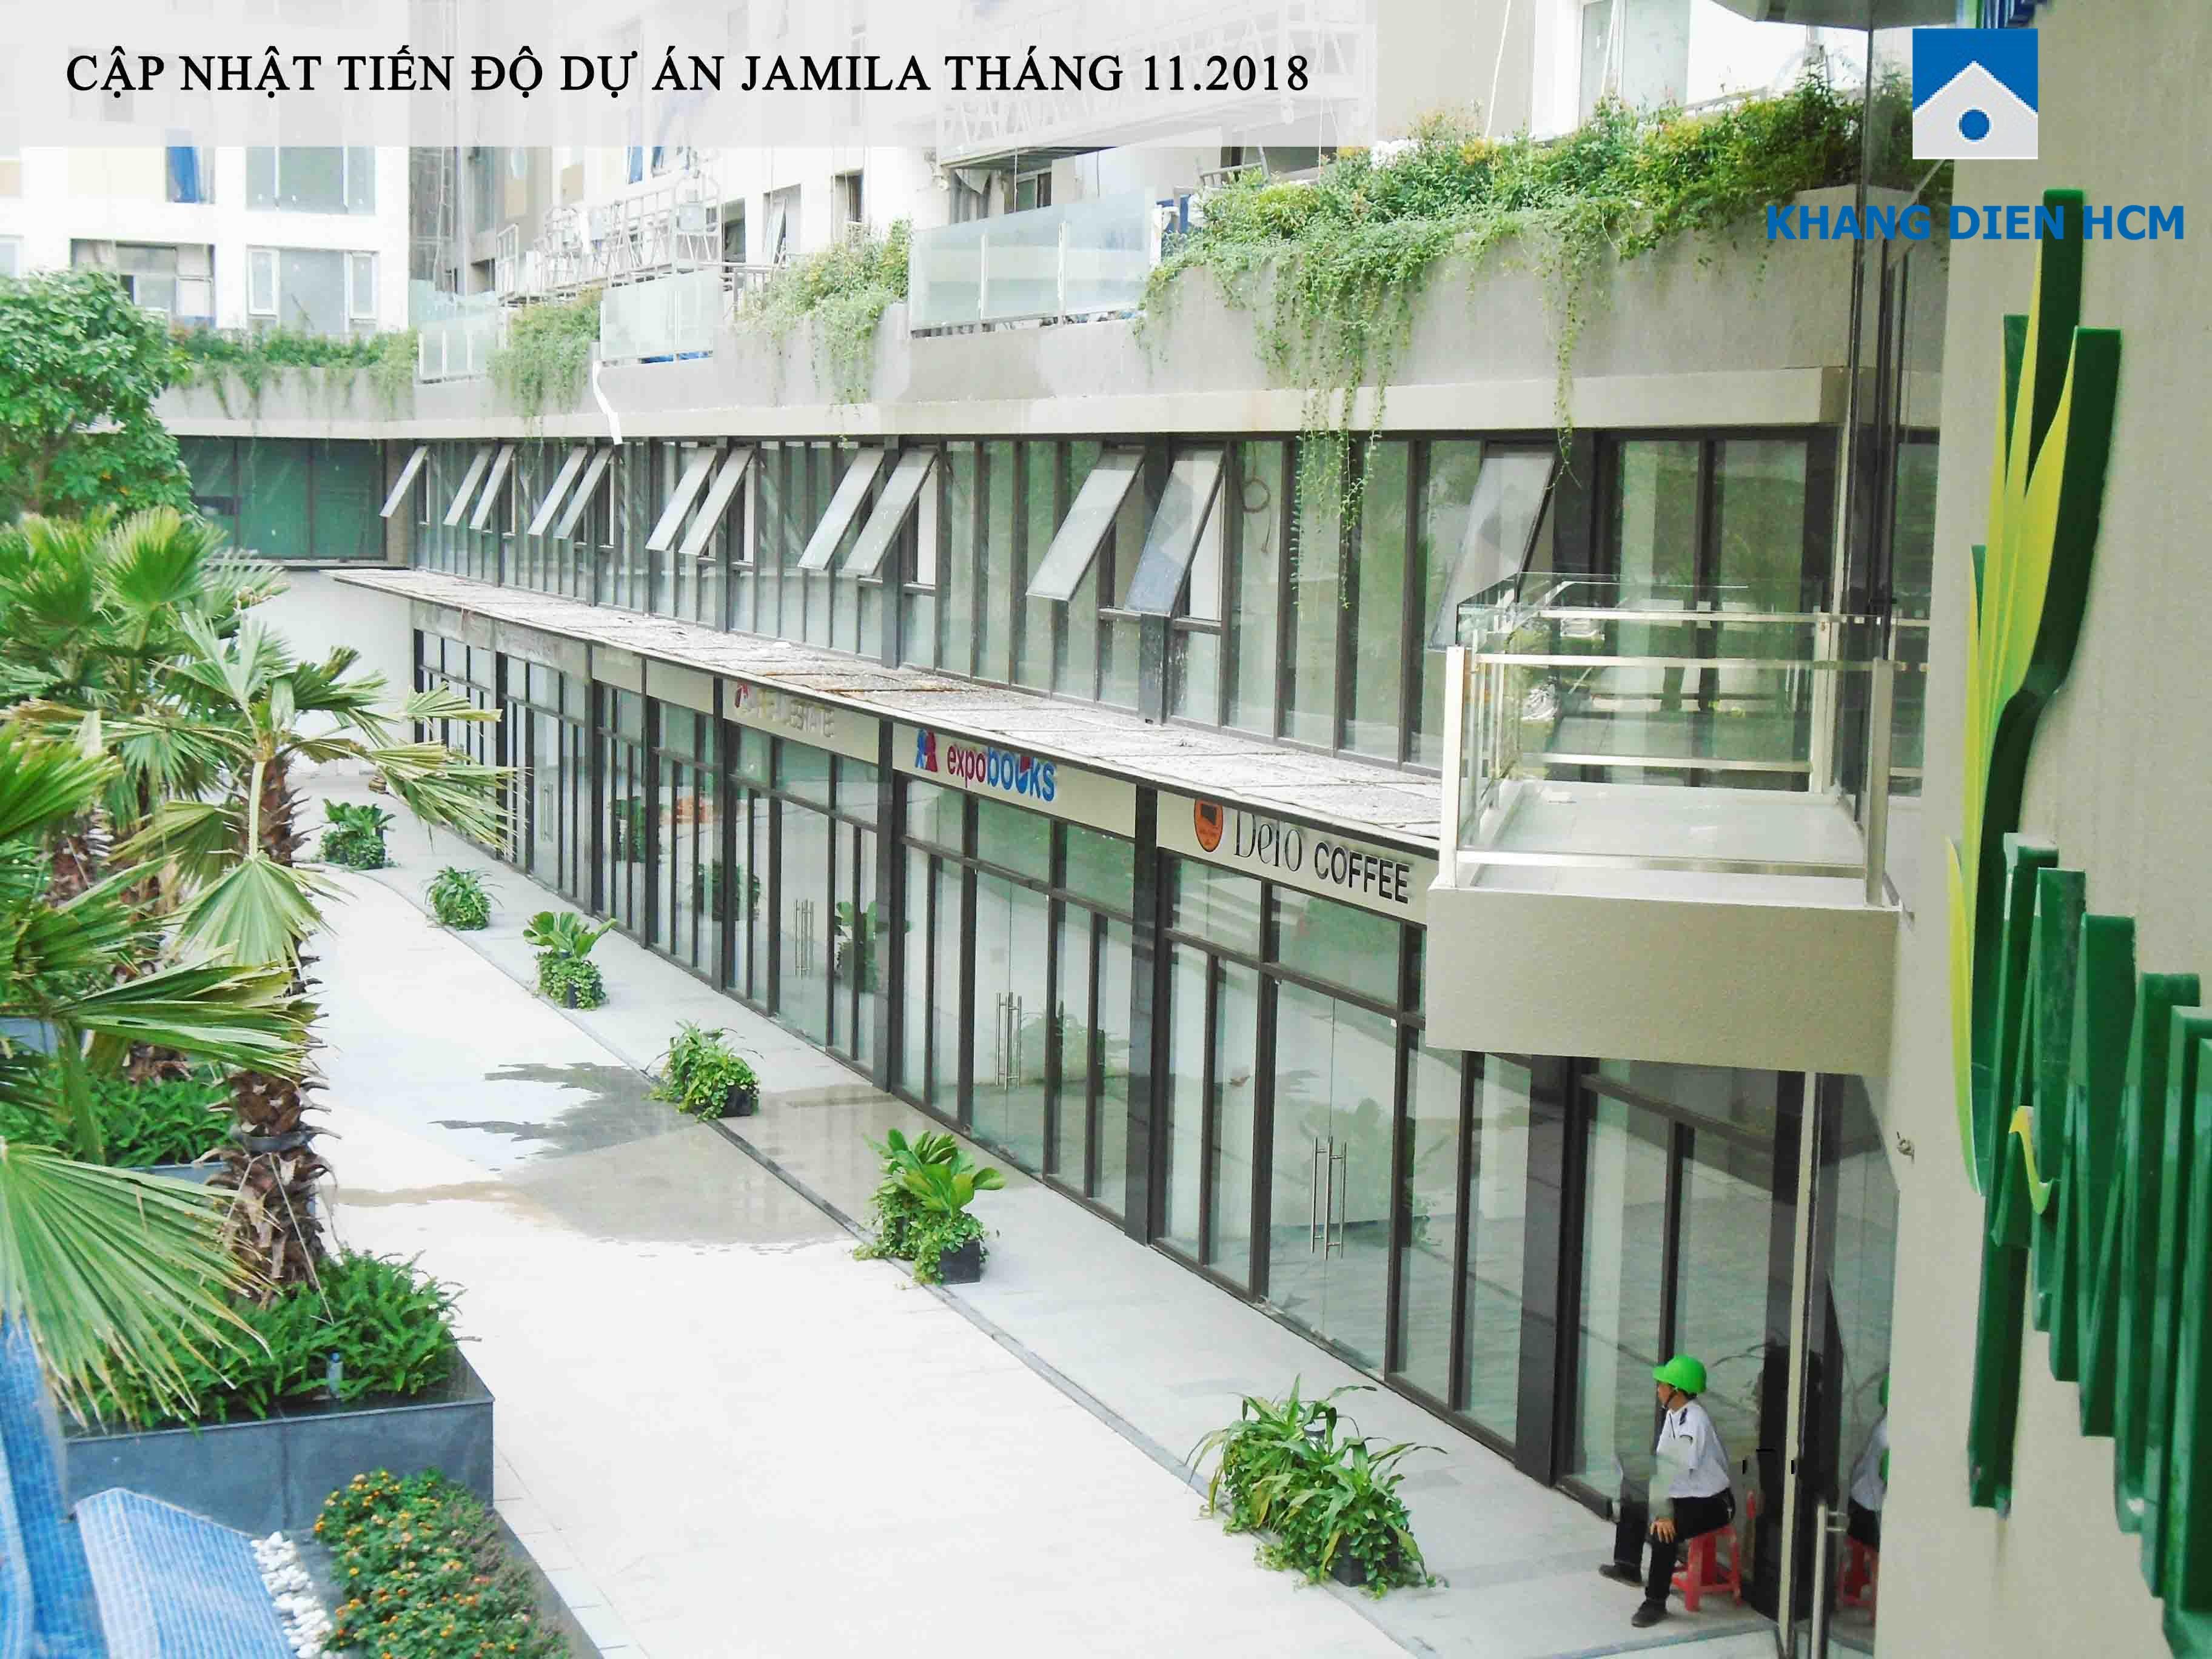 Khu Shophouse đã hoàn thiện và đang chờ phục vụ cư dân tại dự án Jamila - Khang Điền HCM